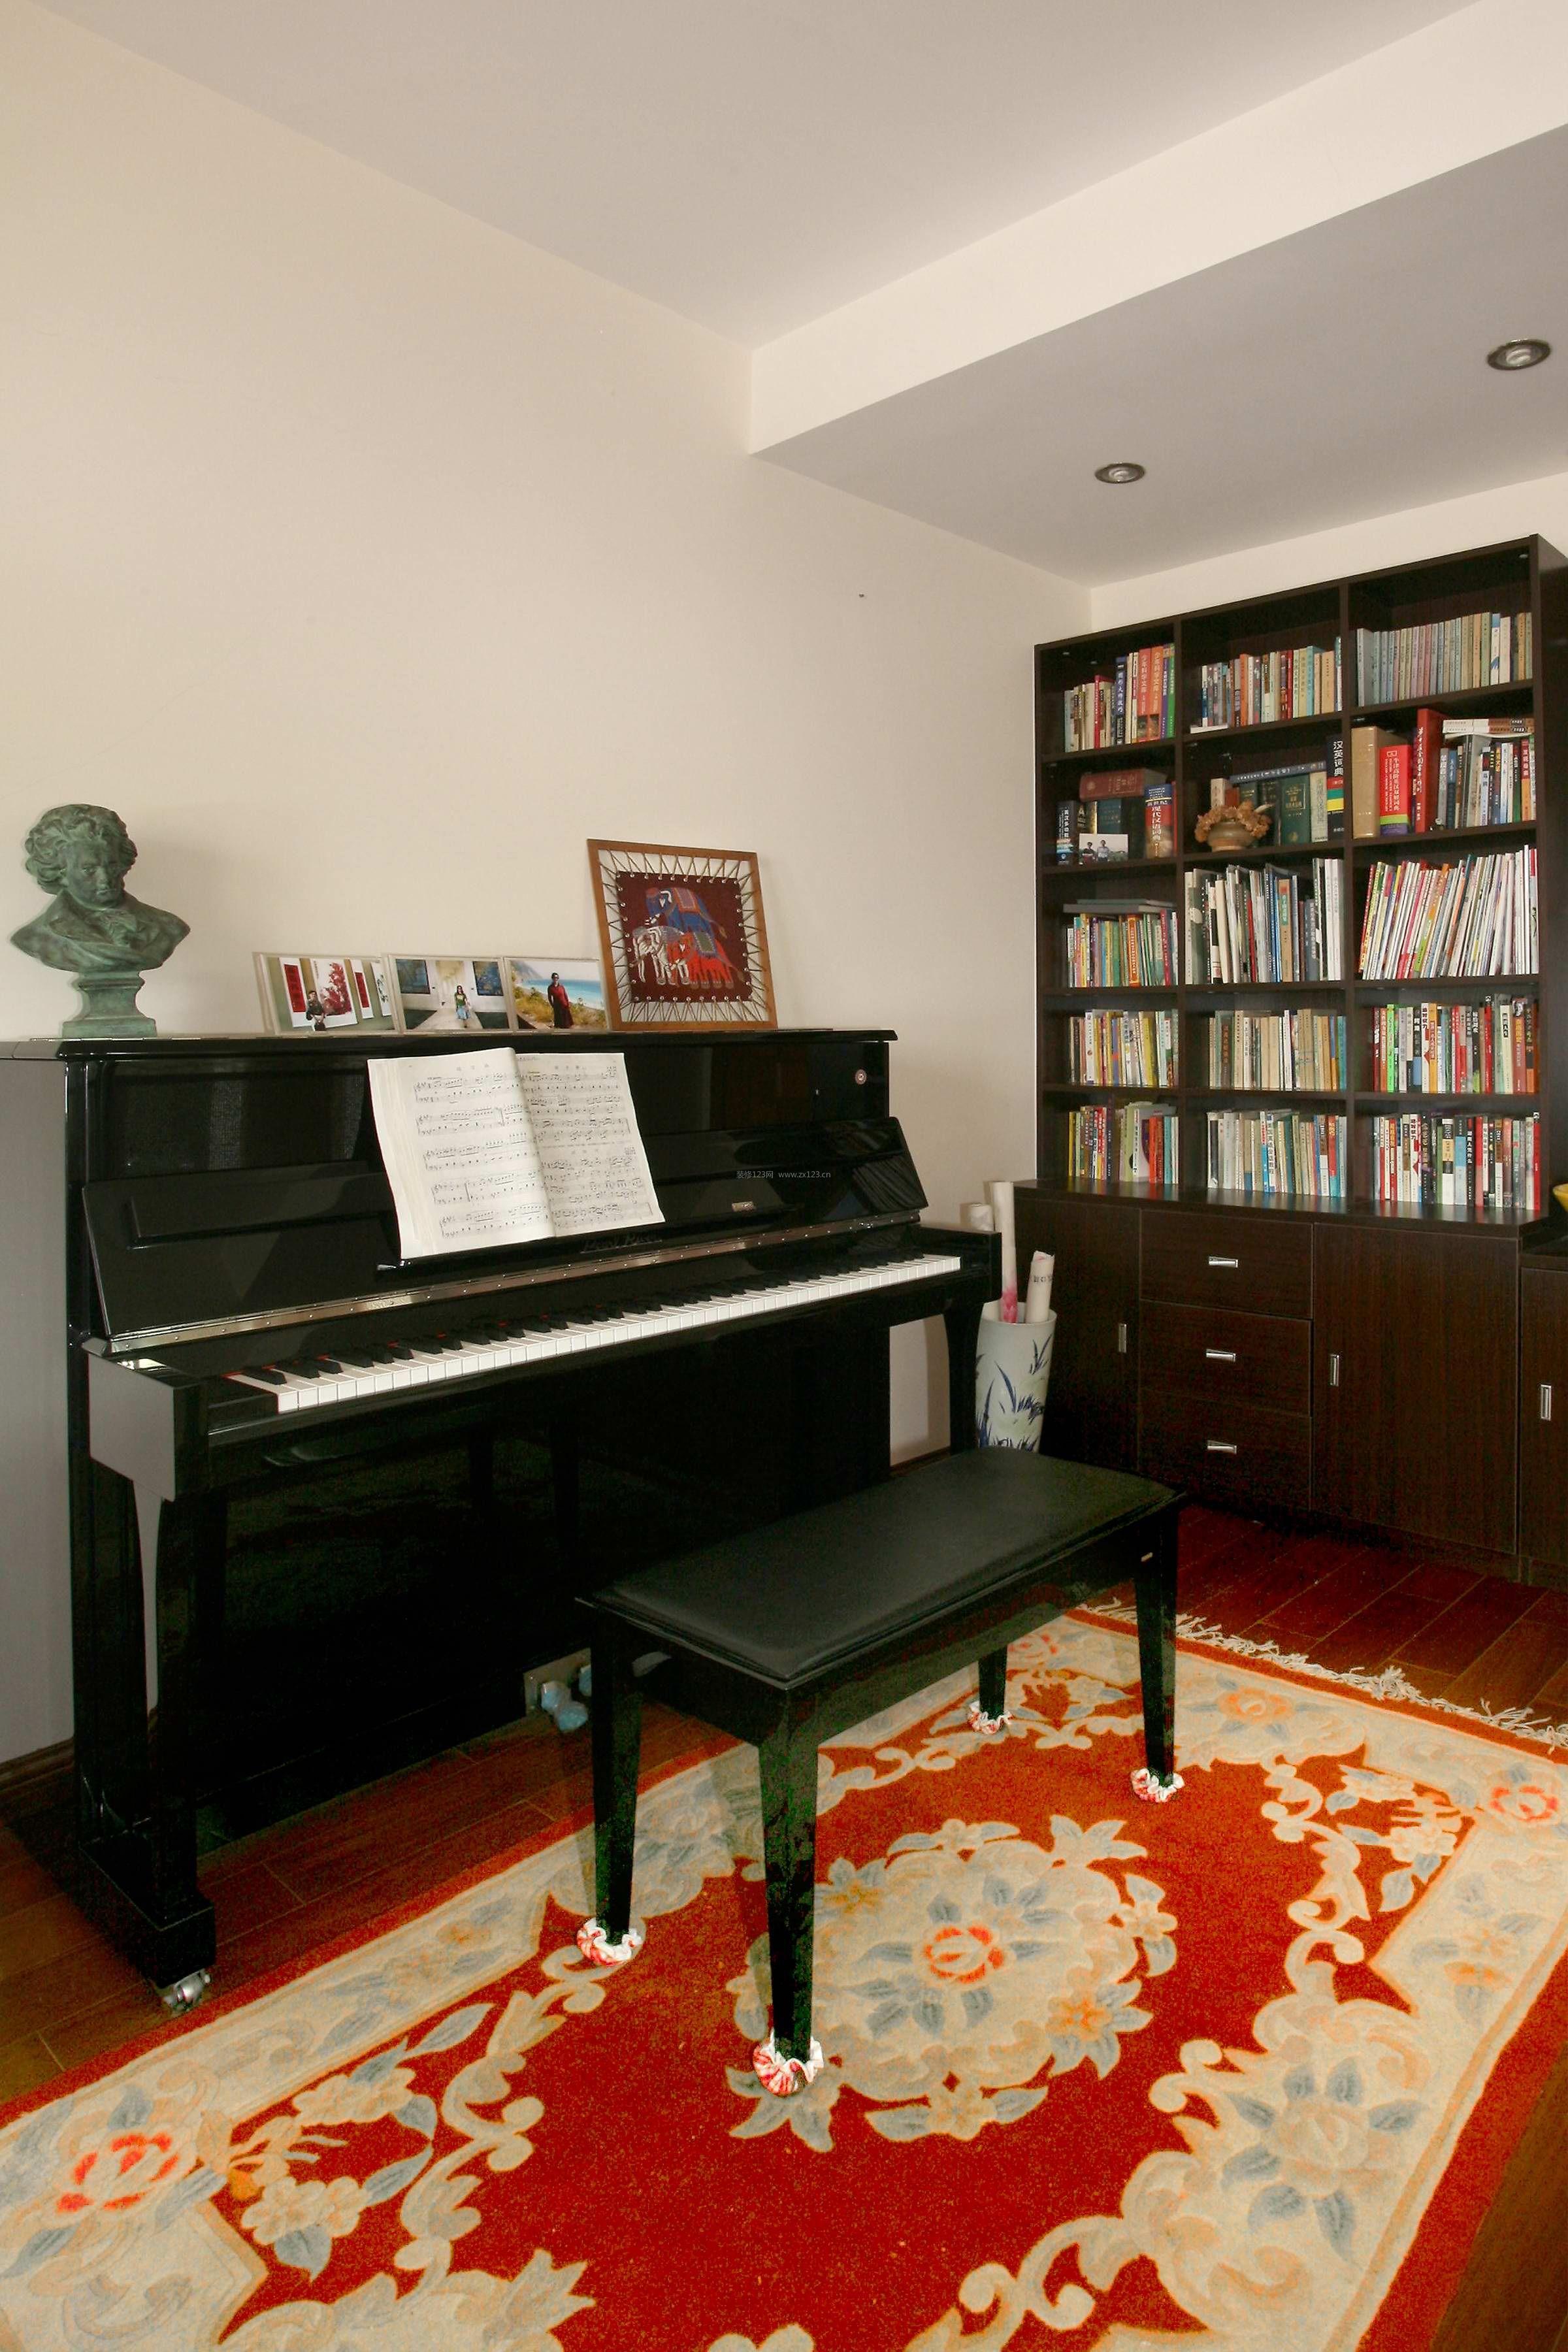 钢琴书房装修效果图,书房风水摆放位置,钢琴放客厅还是放书房